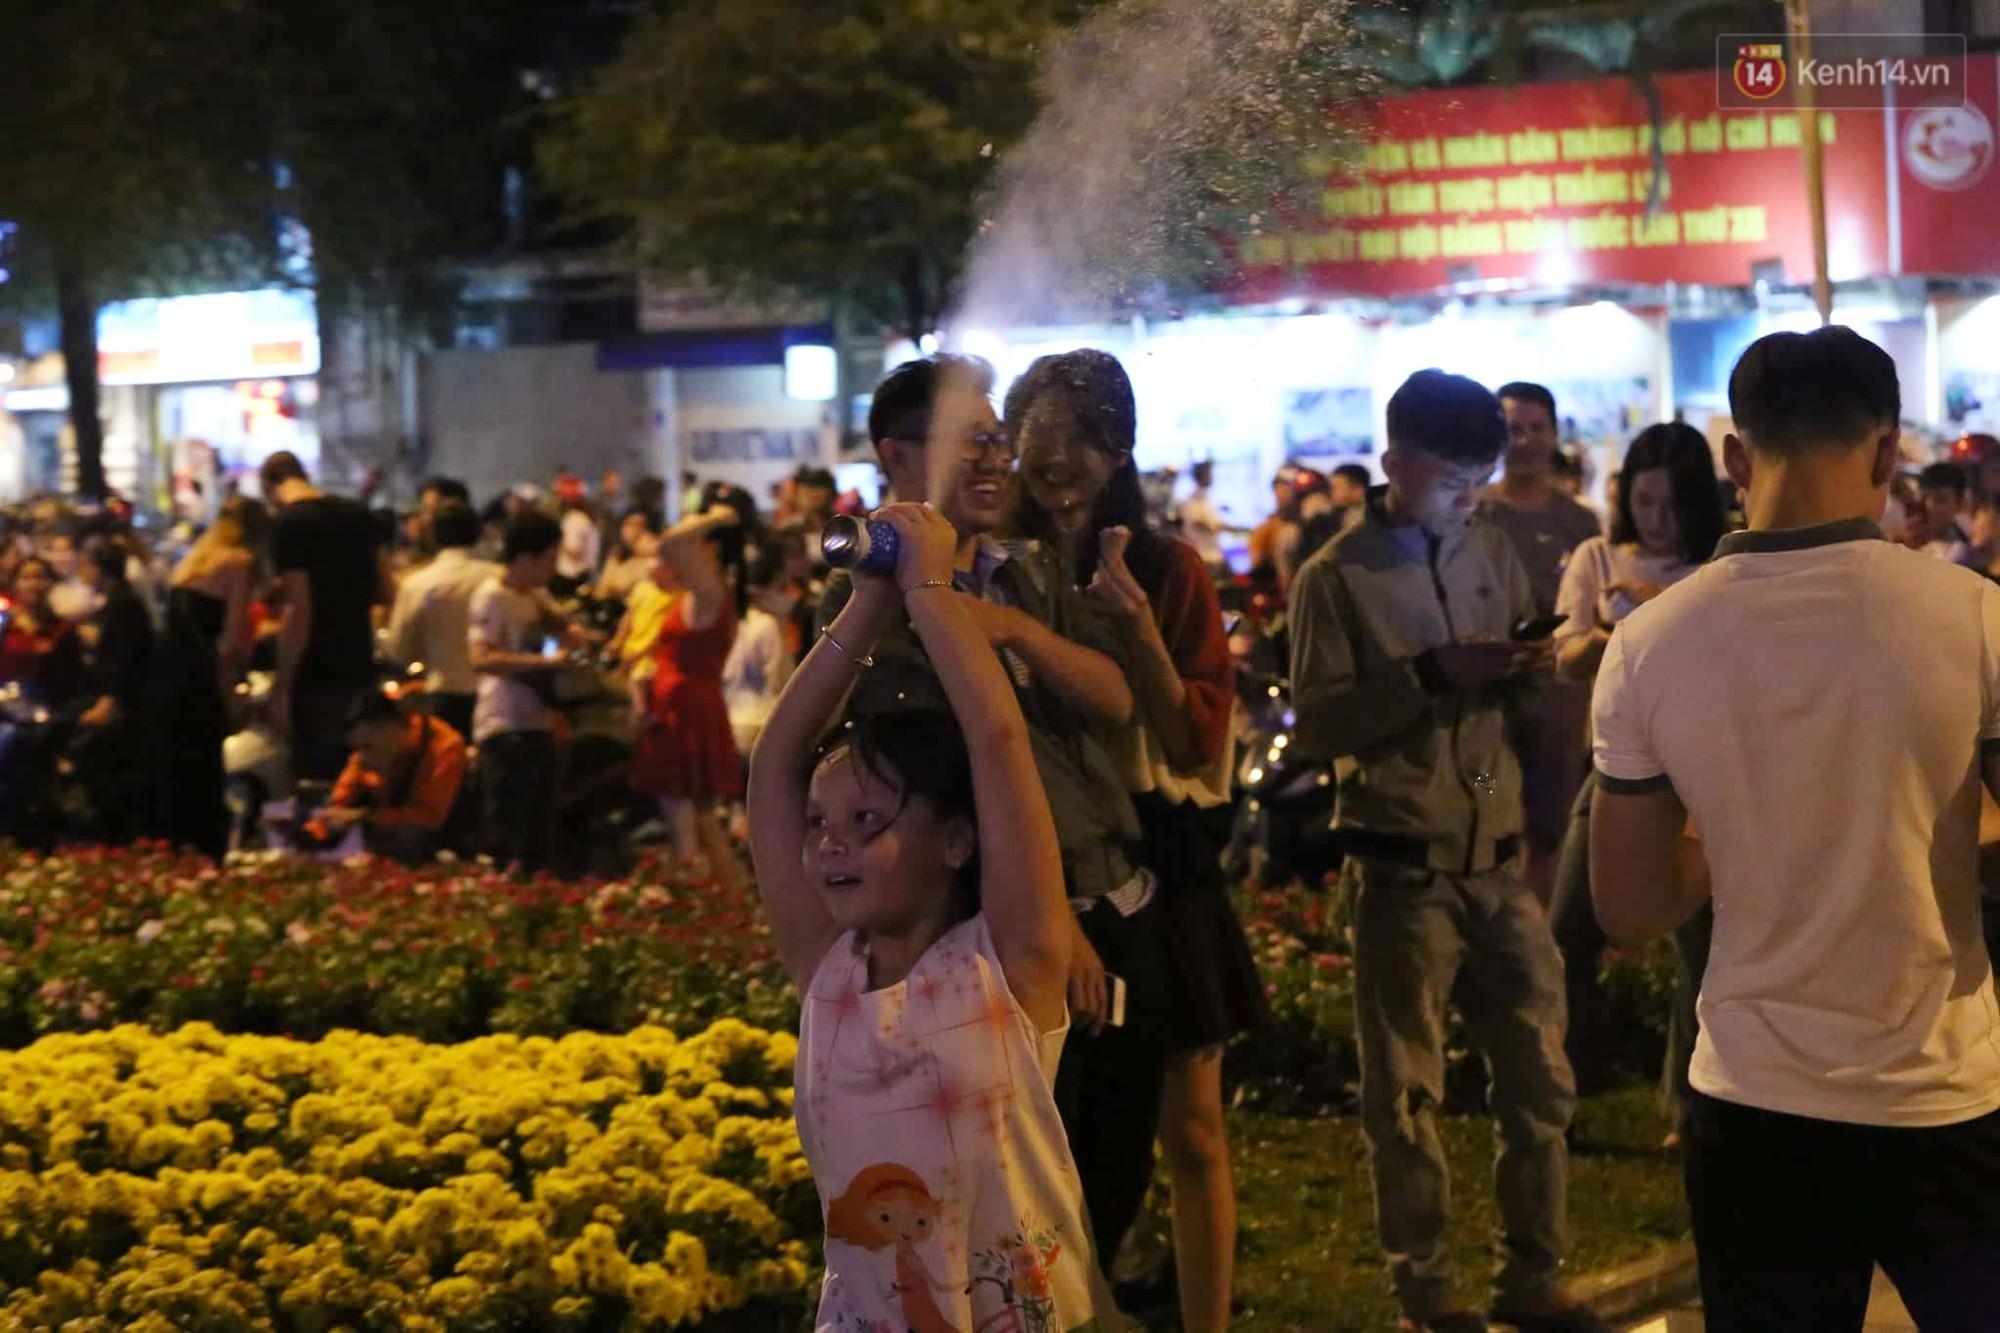 Người dân Hà Nội, Sài Gòn và Đà Nẵng nô nức xuống đường, khắp phố phường khoác lên mình tấm áo Giáng sinh đầy màu sắc - Ảnh 10.